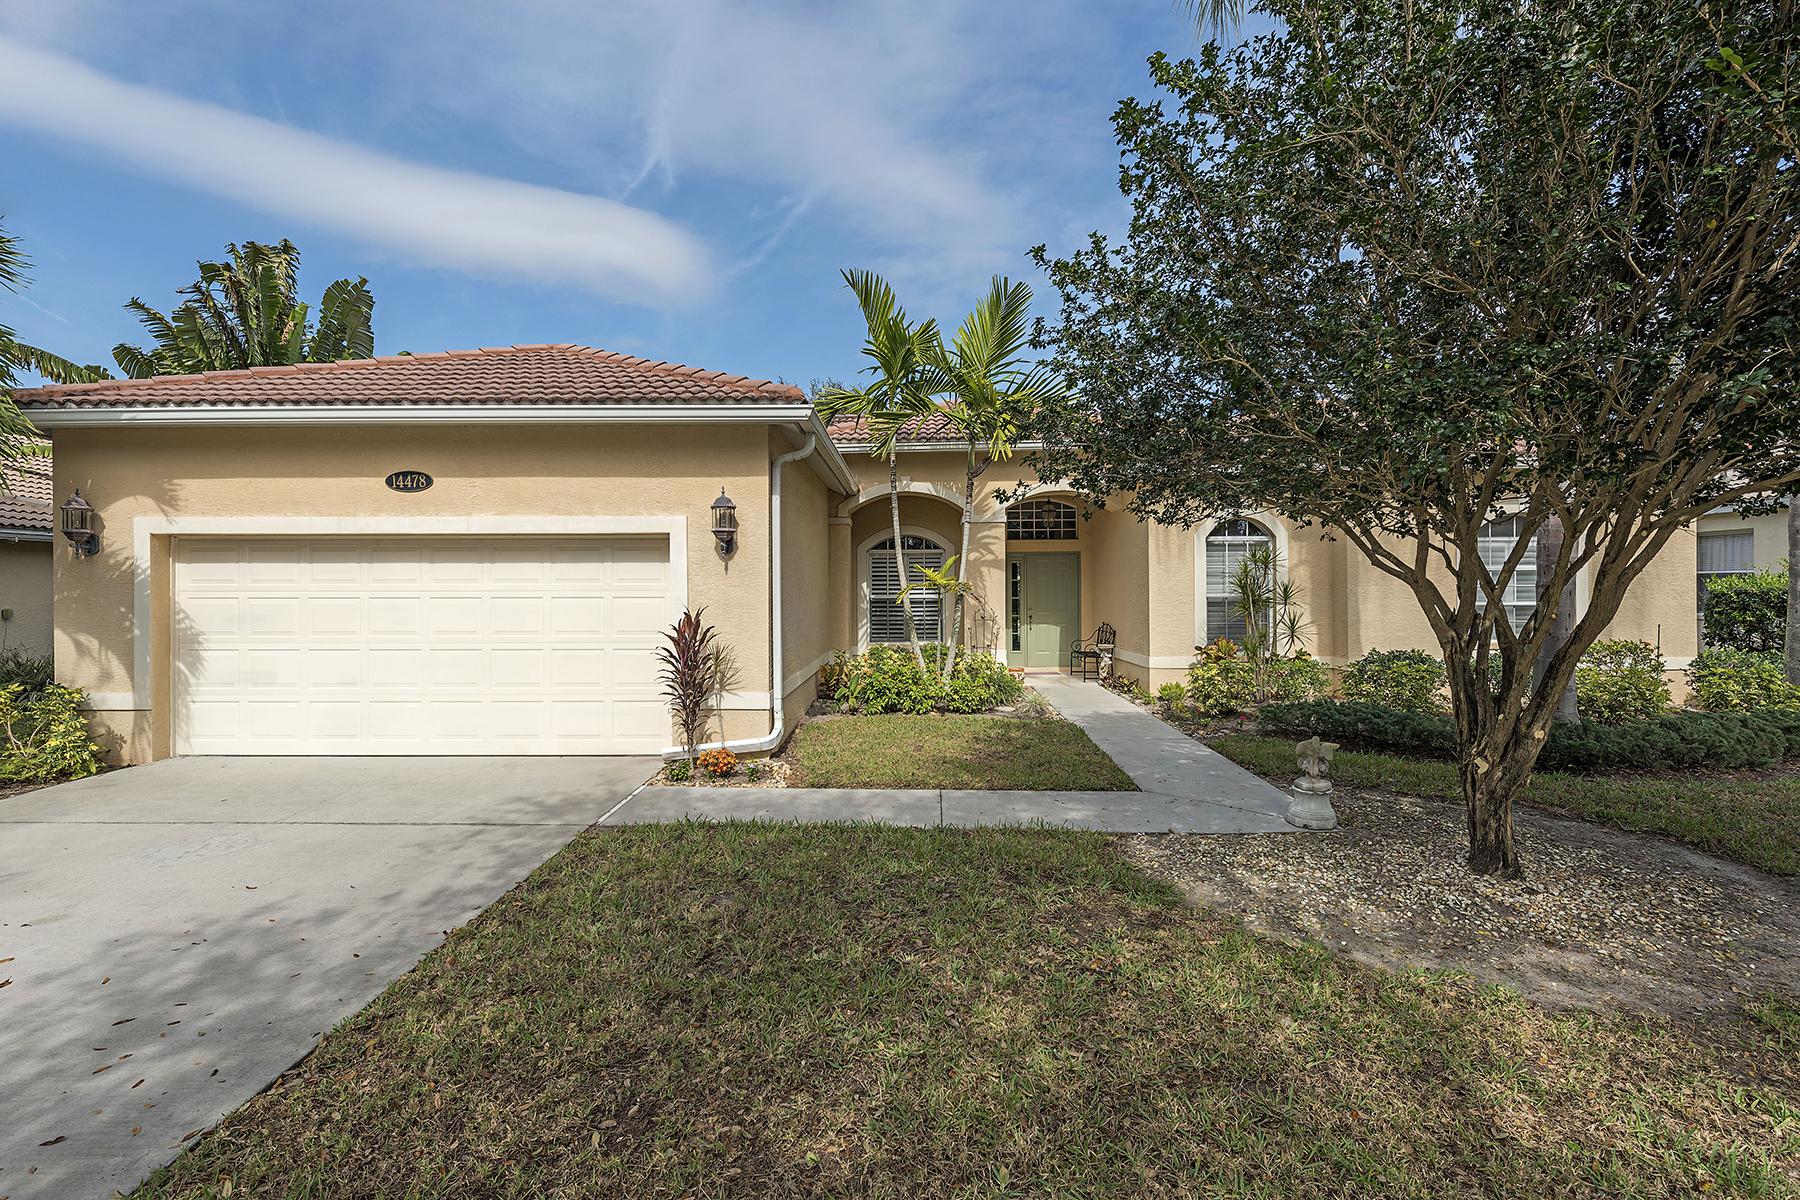 Частный односемейный дом для того Продажа на INDIGO LAKES 14478 Indigo Lakes Cir Naples, Флорида, 34119 Соединенные Штаты